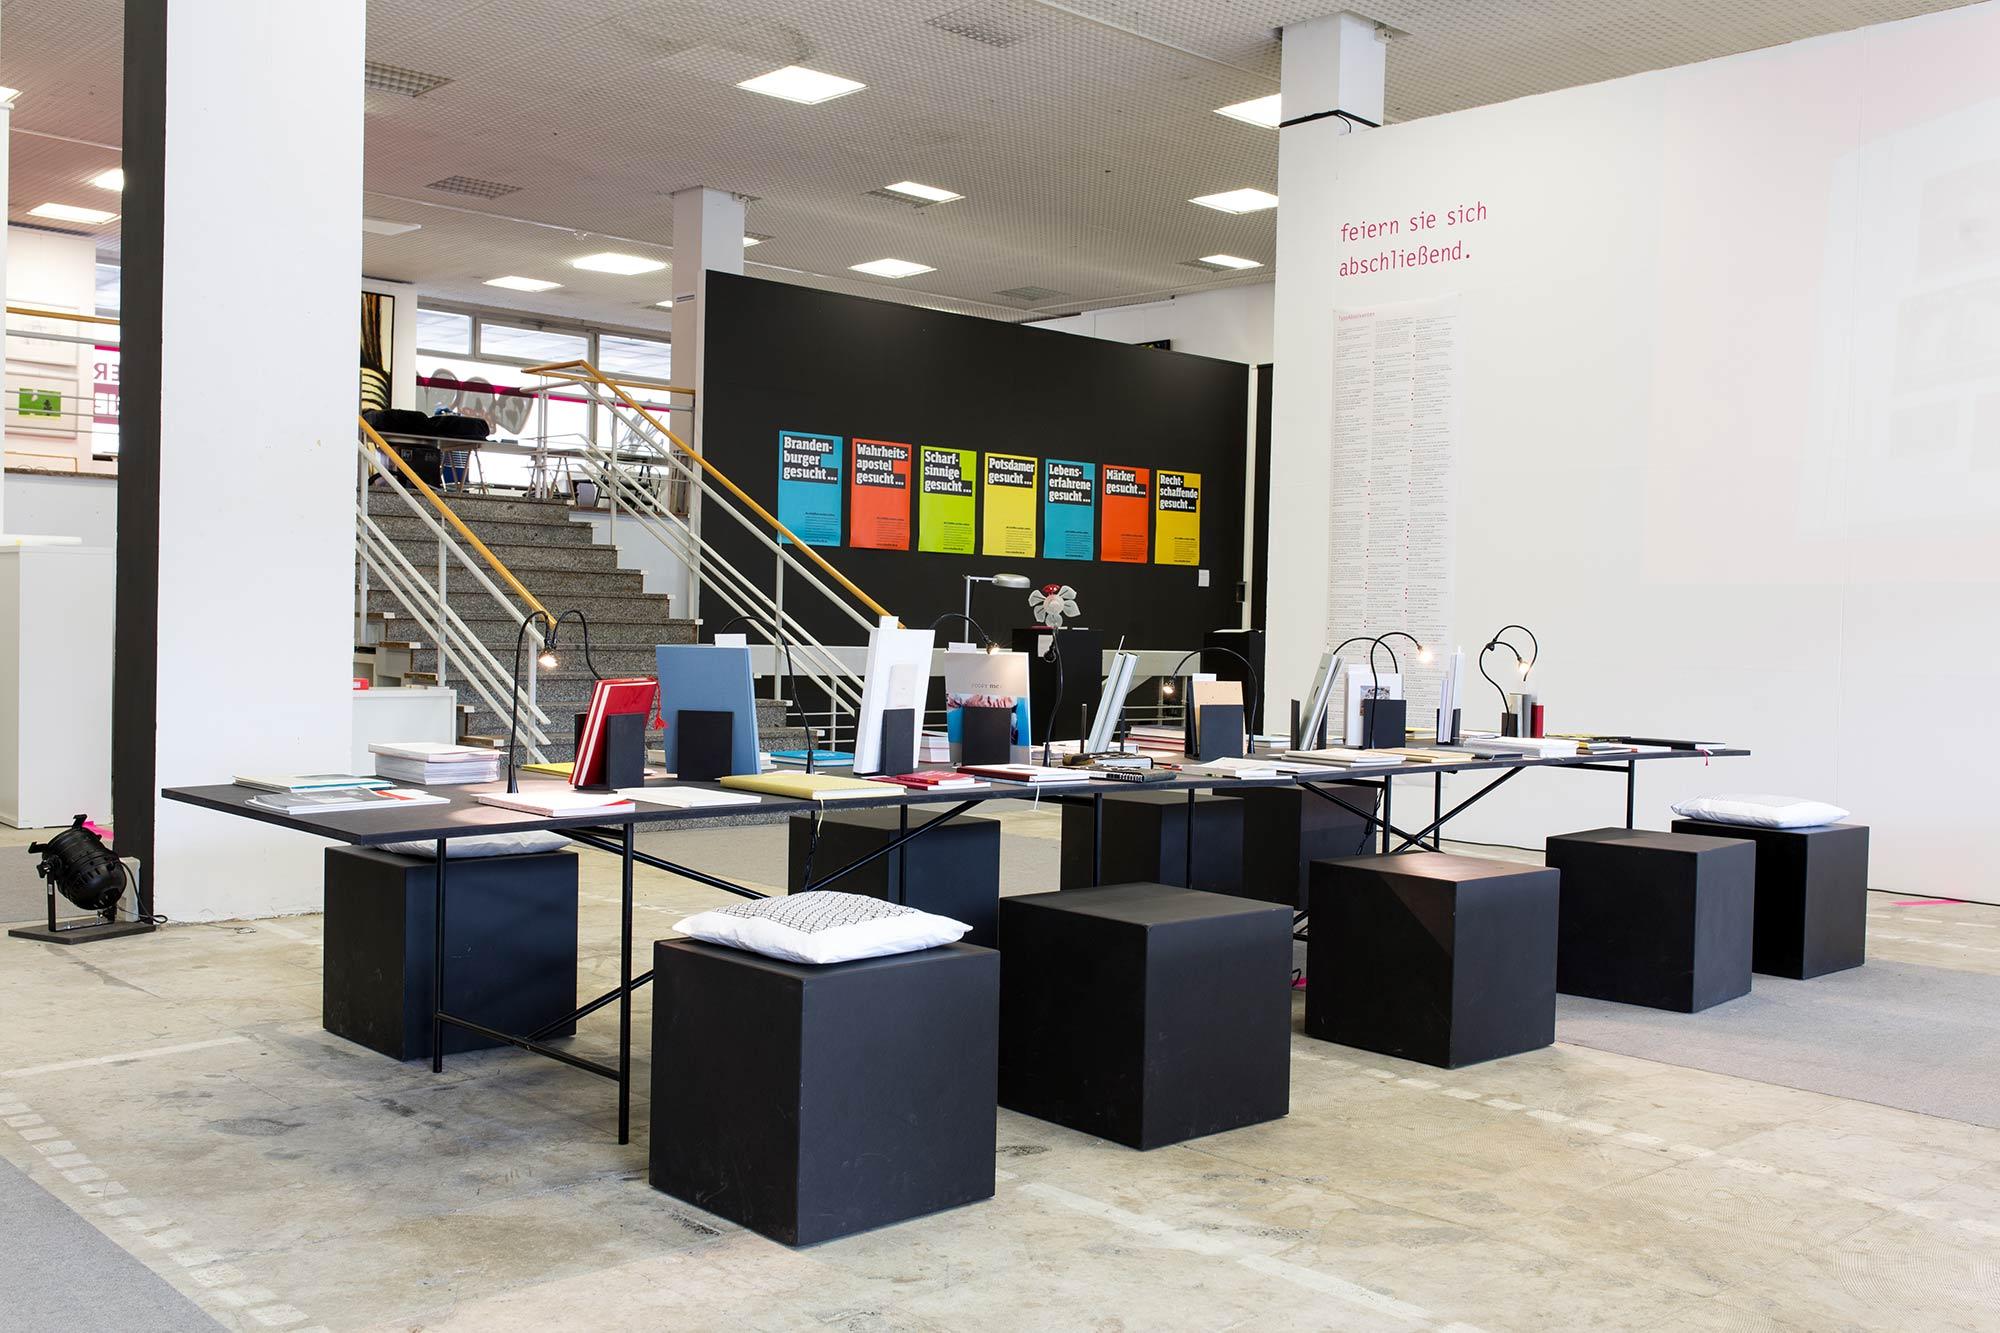 24pt – 24 Jahre Typografielehre in Potsdam – Ausstellungsgestaltung